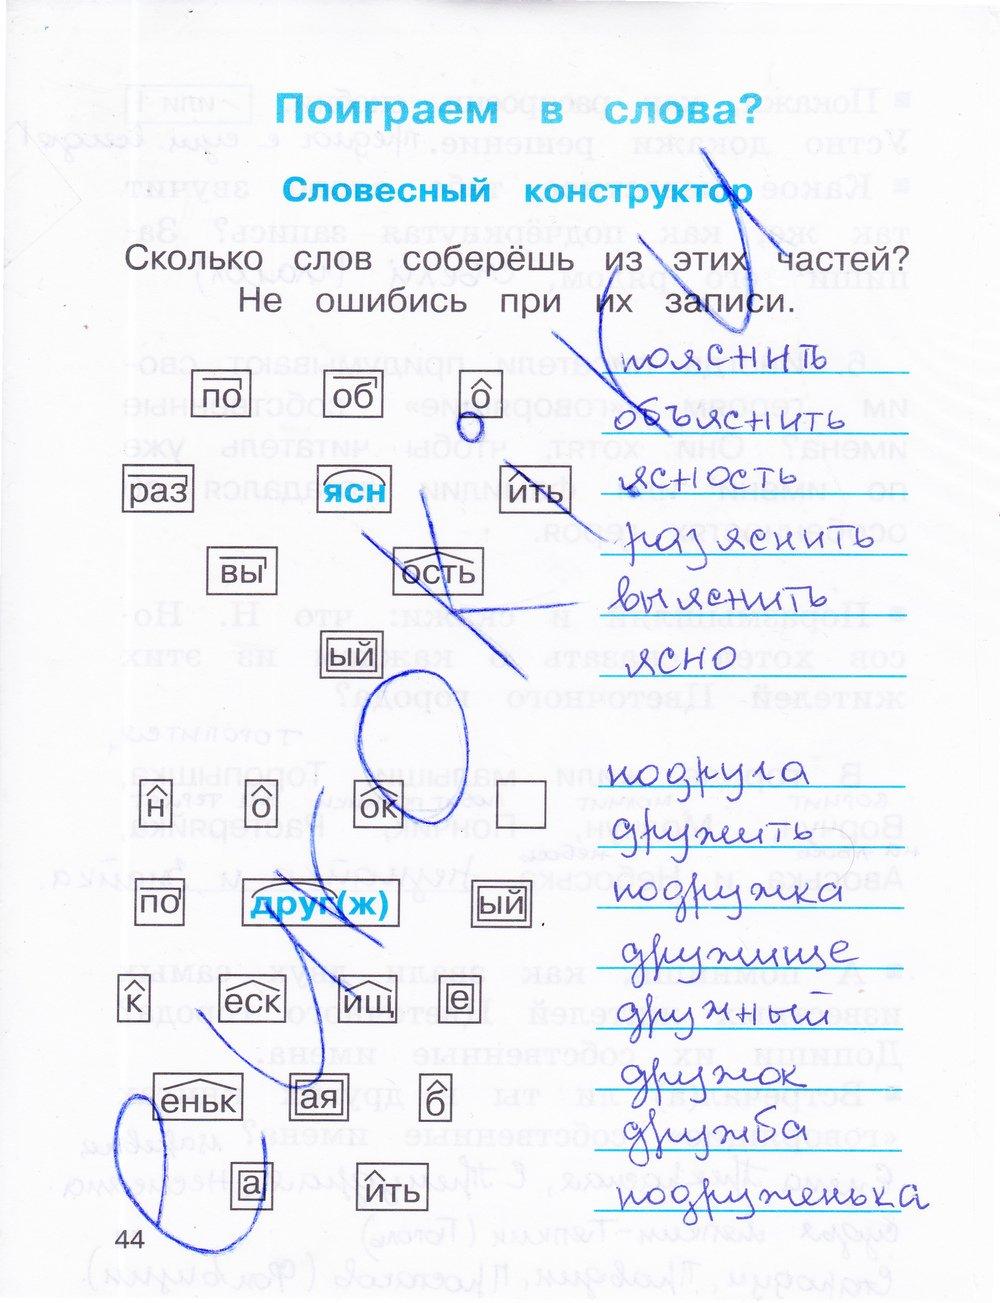 ГДЗ по русскому языку 4 класс (рабочая тетрадь) Соловейчик